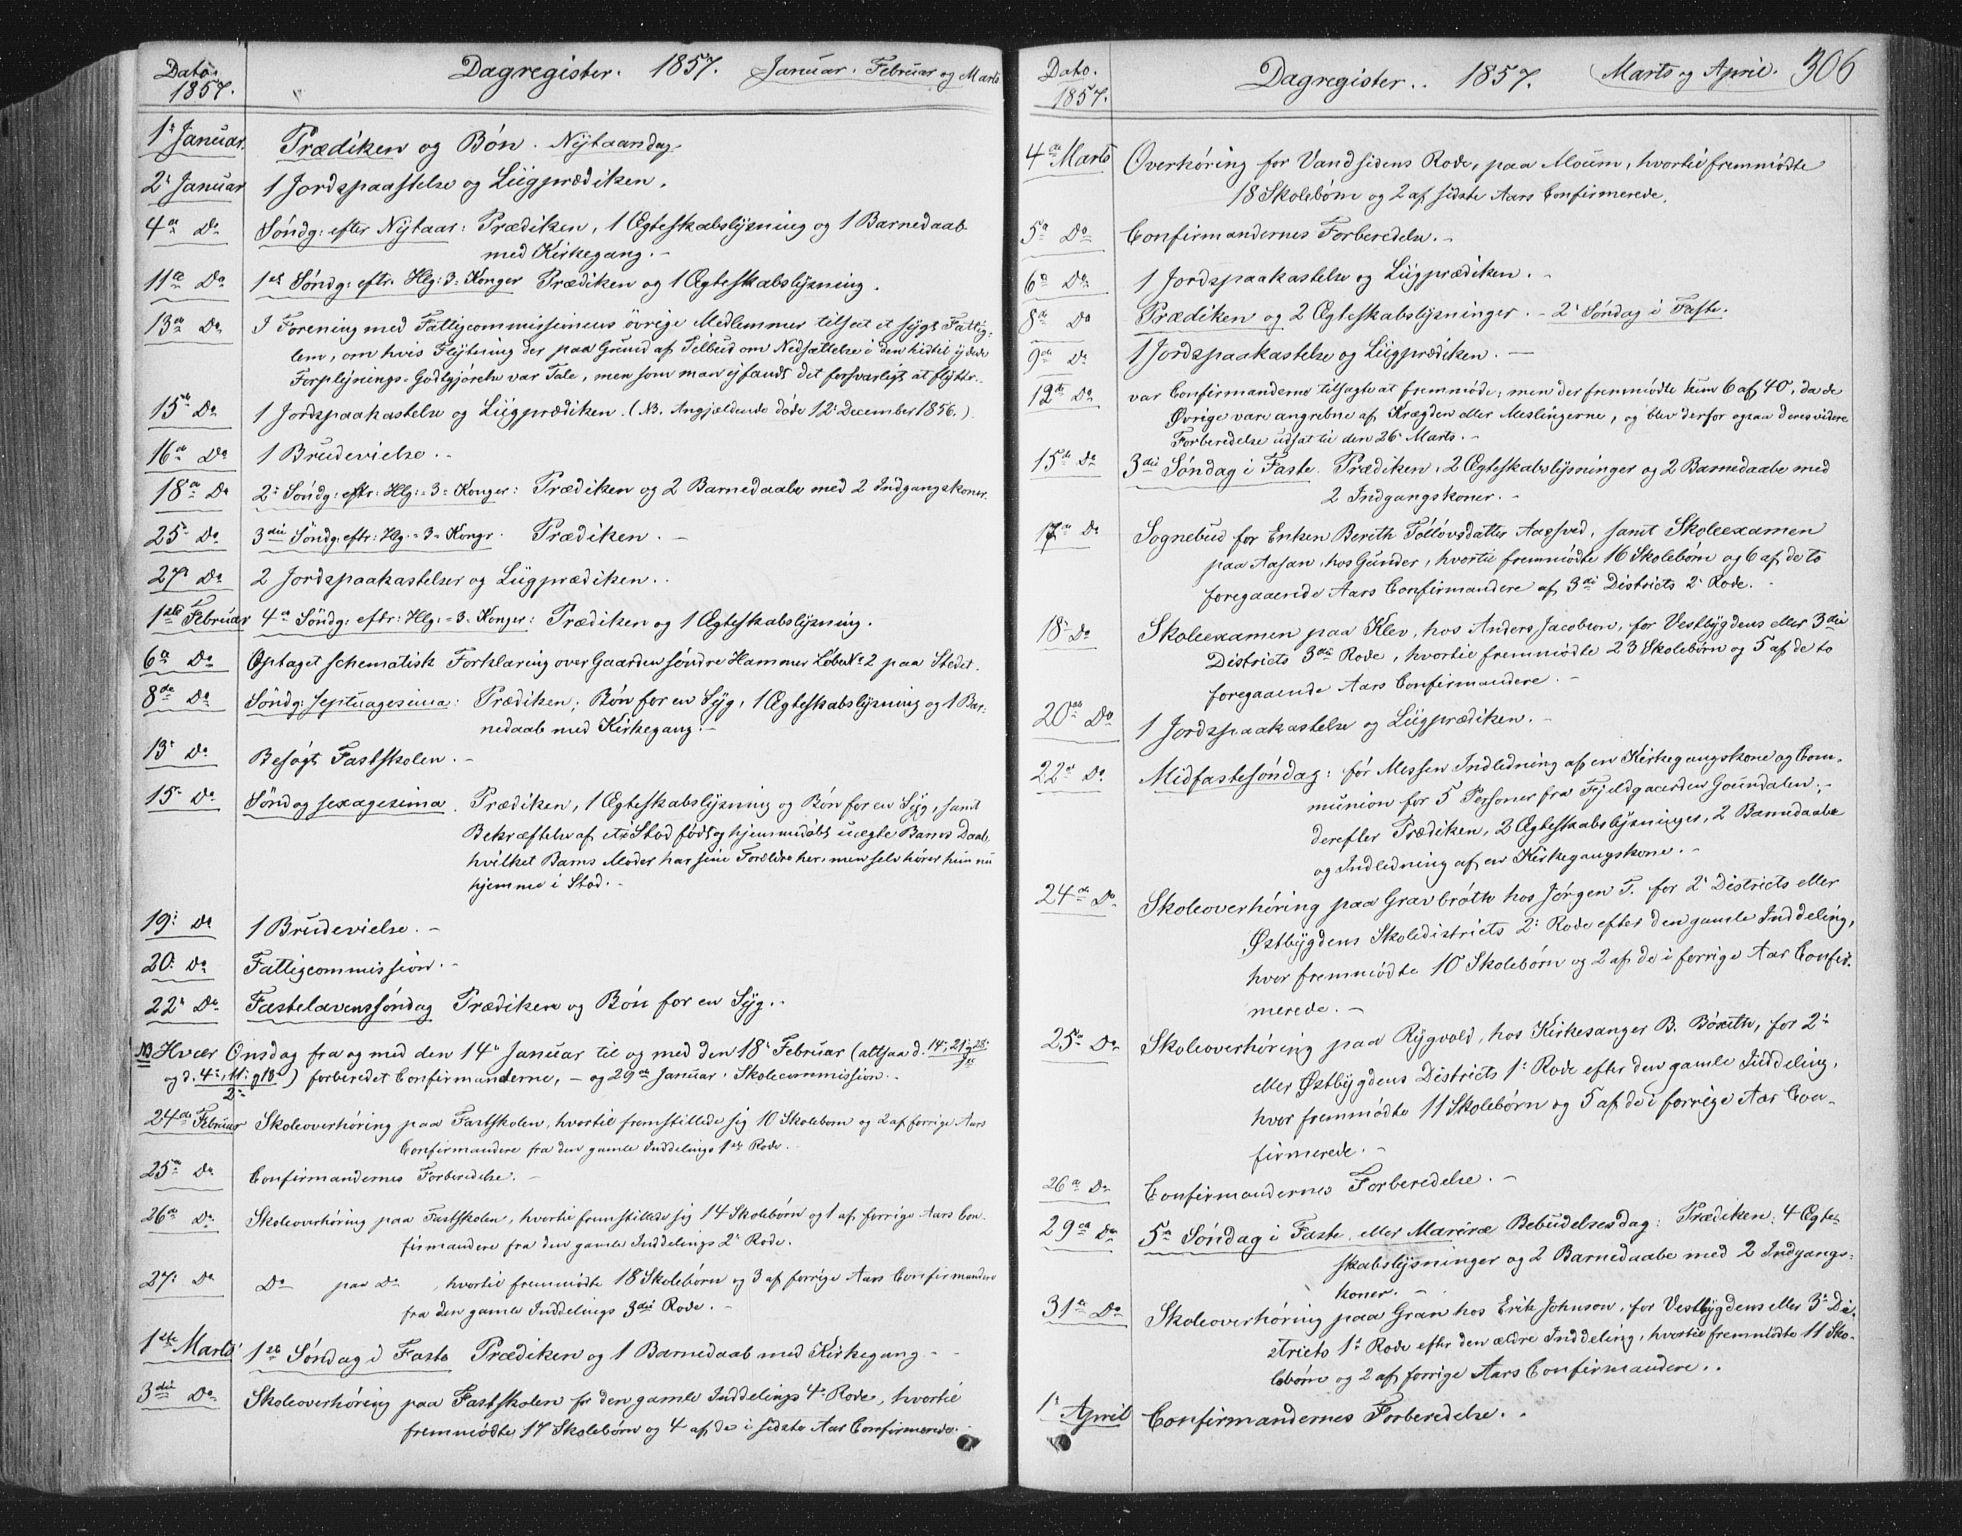 SAT, Ministerialprotokoller, klokkerbøker og fødselsregistre - Nord-Trøndelag, 749/L0472: Ministerialbok nr. 749A06, 1857-1873, s. 306